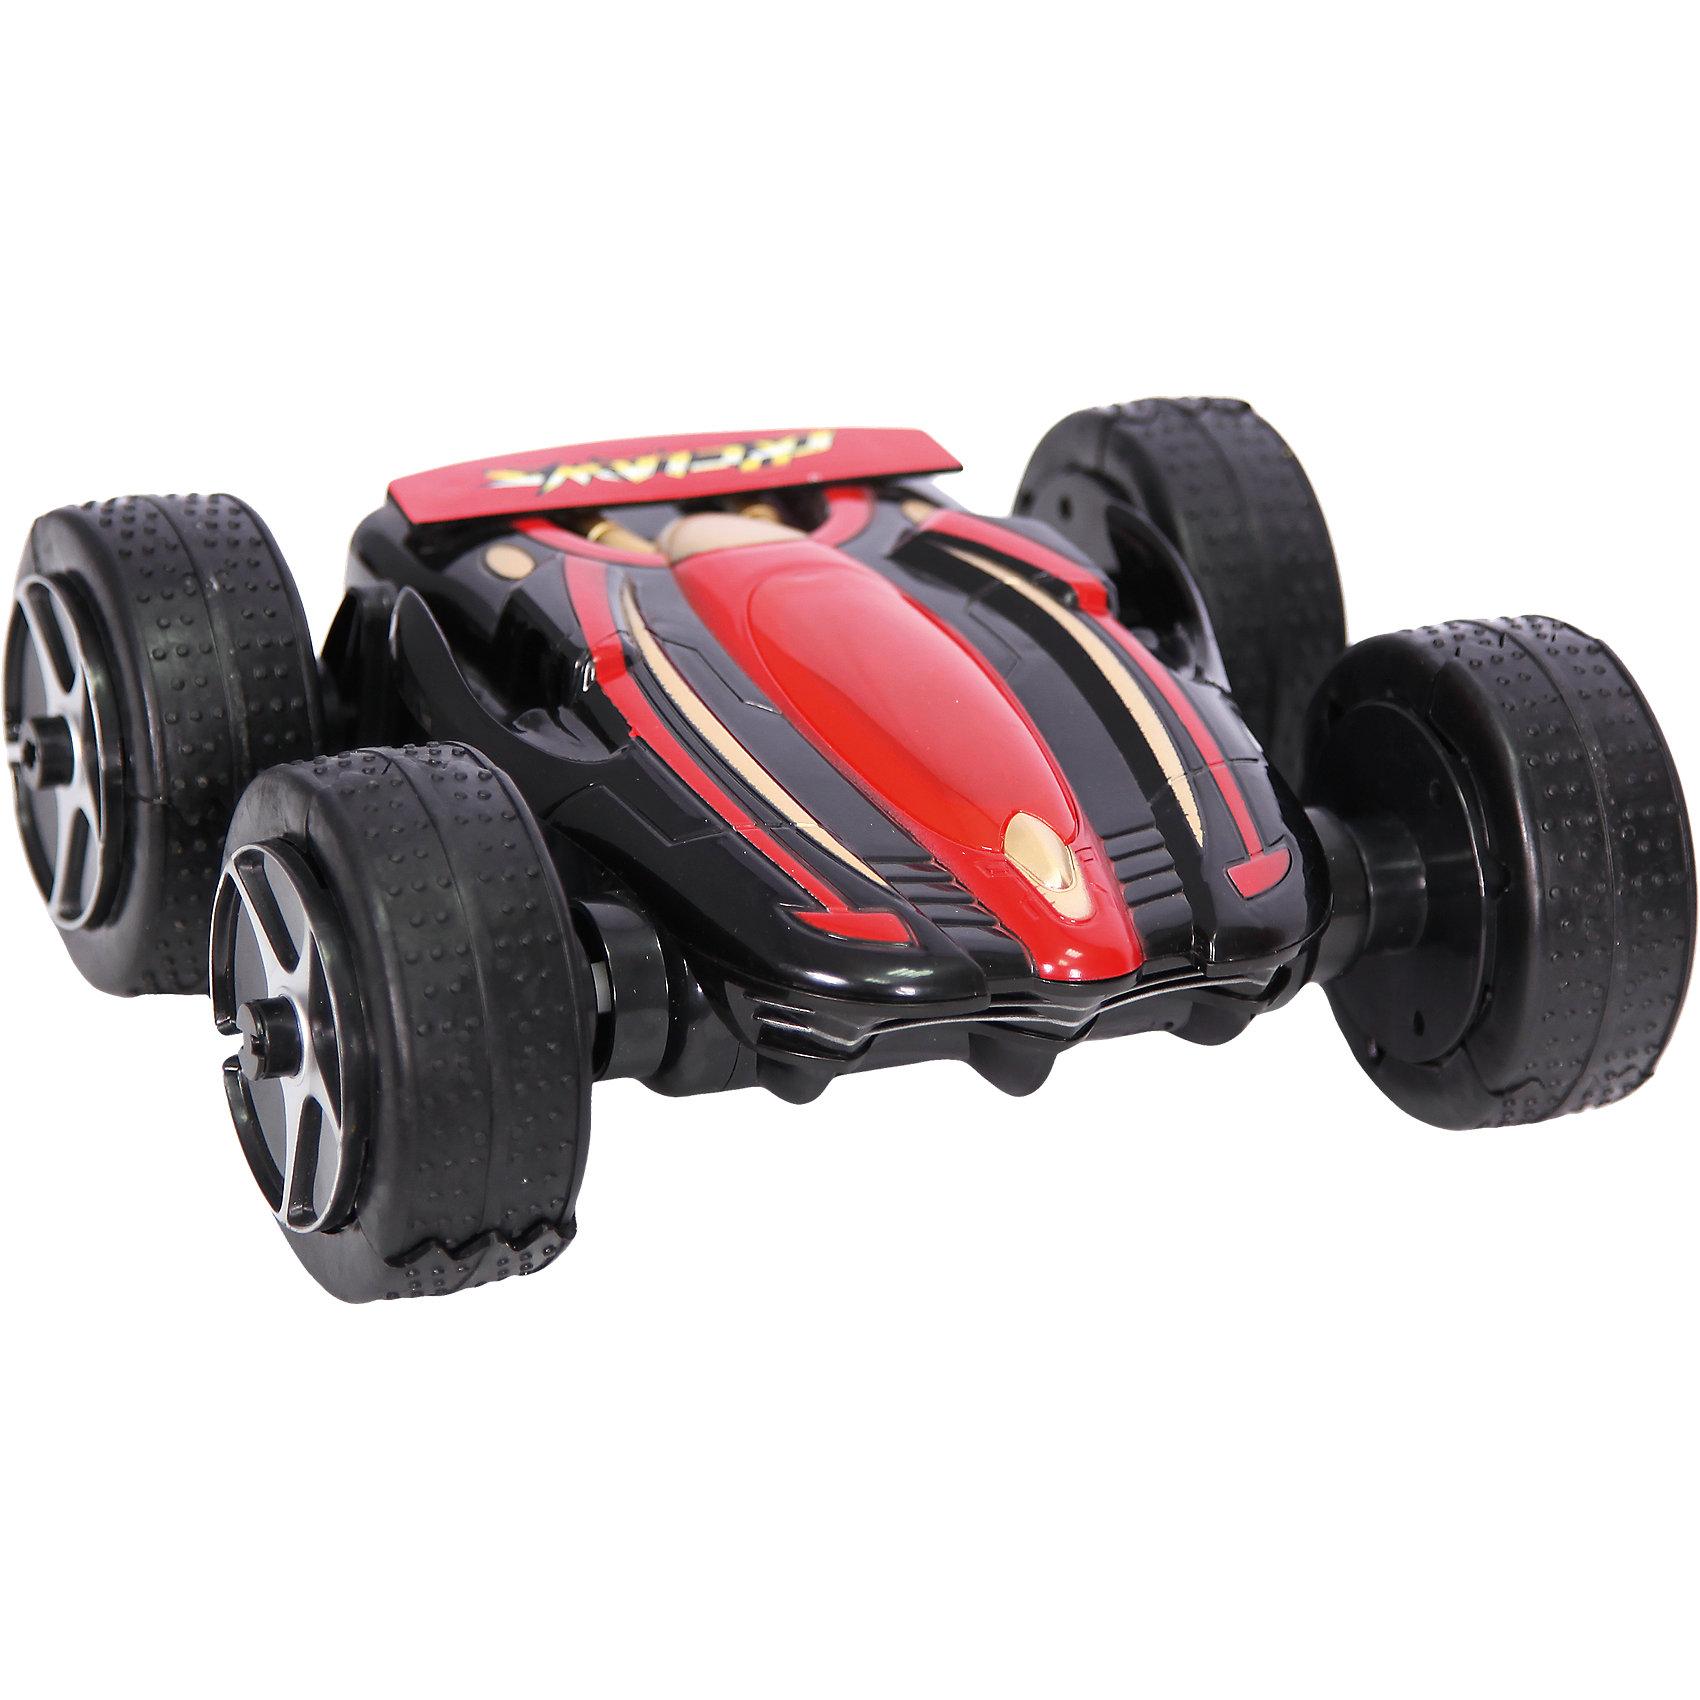 - Автомобиль-внедорожник STUNT CAR, р/у, SDL купить автомобиль б у в донецке до 33000 грн